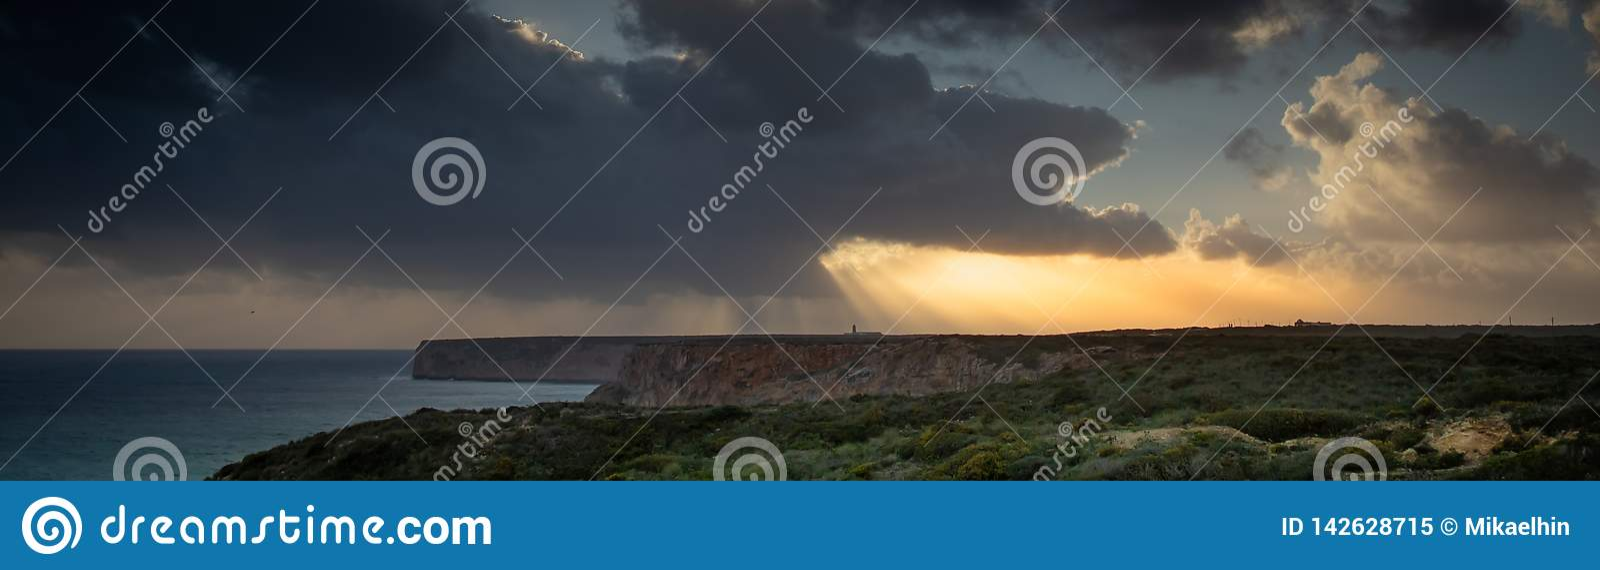 Άποψη του φάρου και των απότομων βράχων στο ακρωτήριο St Vincent στην Πορτογαλία στη θύελλα